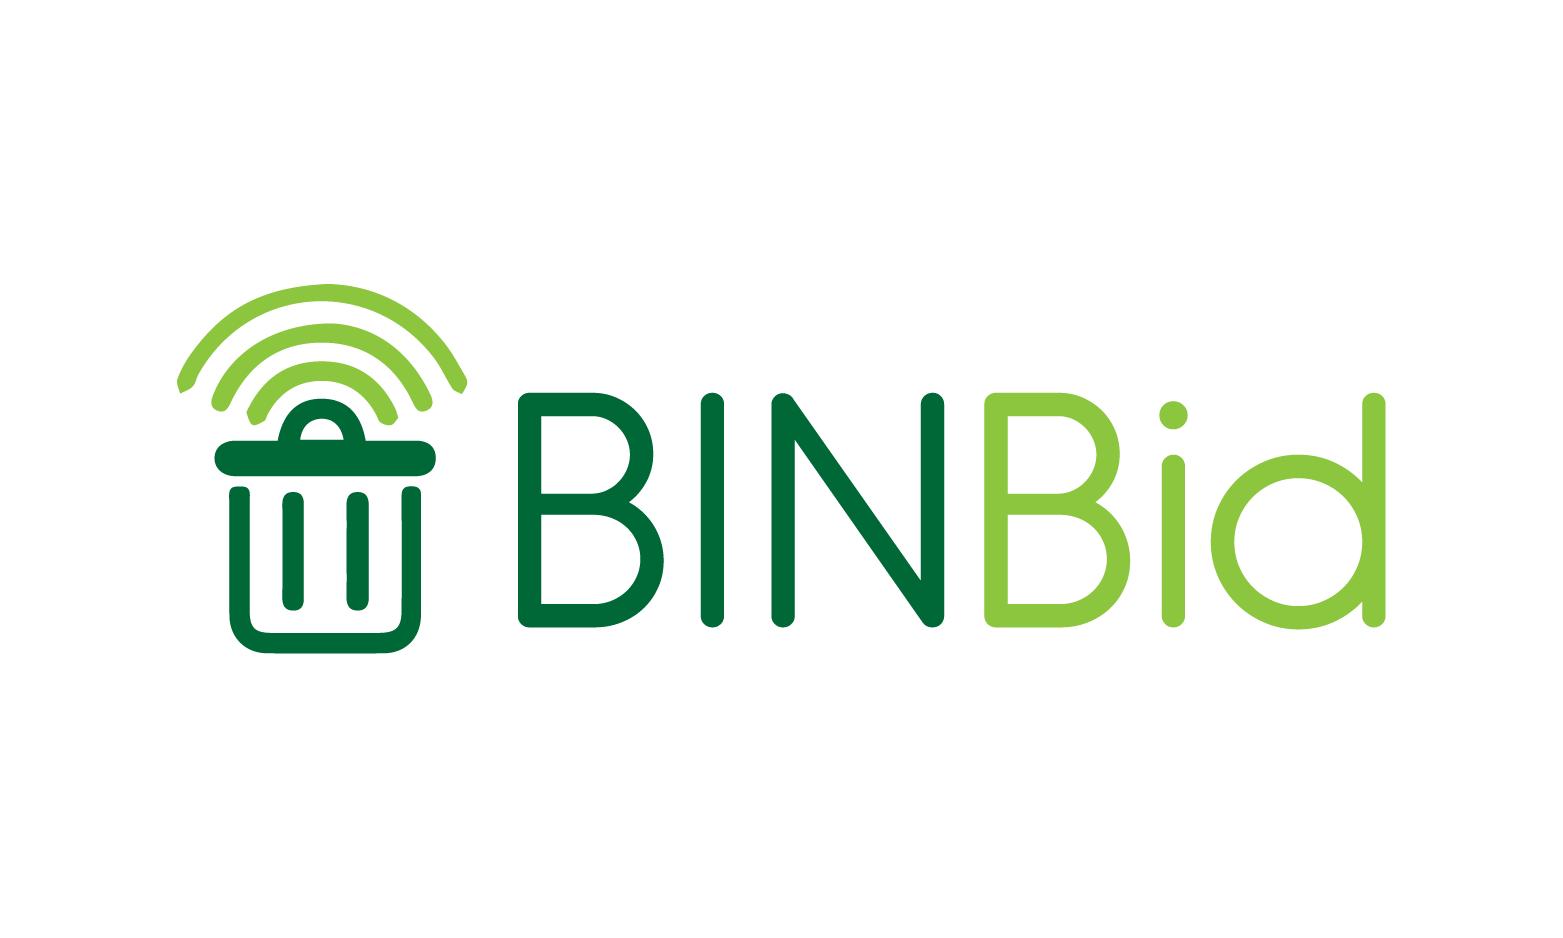 BINBid.com